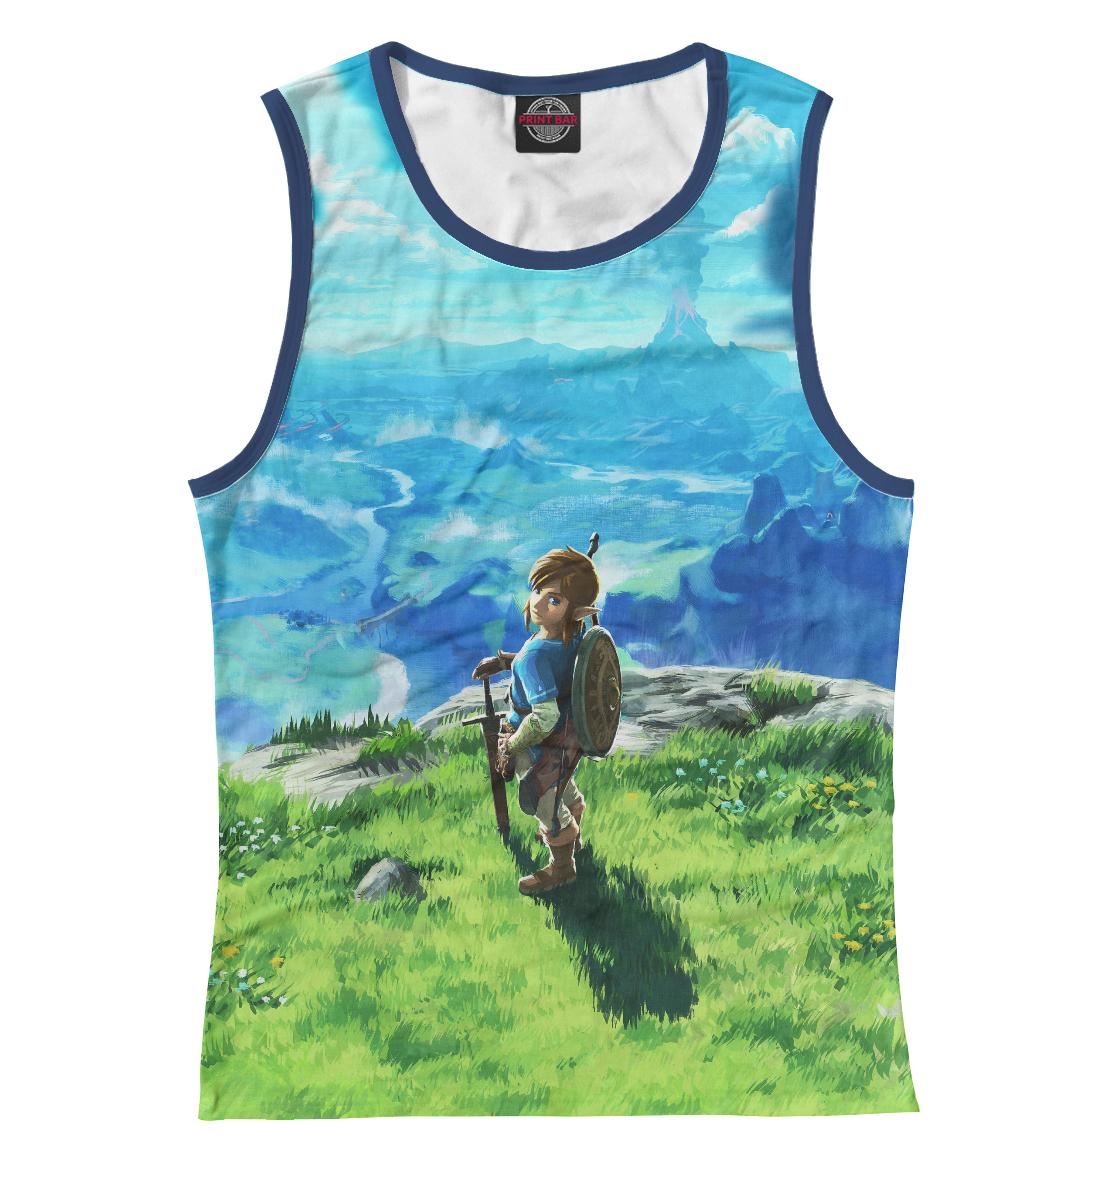 Legend of Zelda: Breath of the Wild the legend of zelda breath of the wild